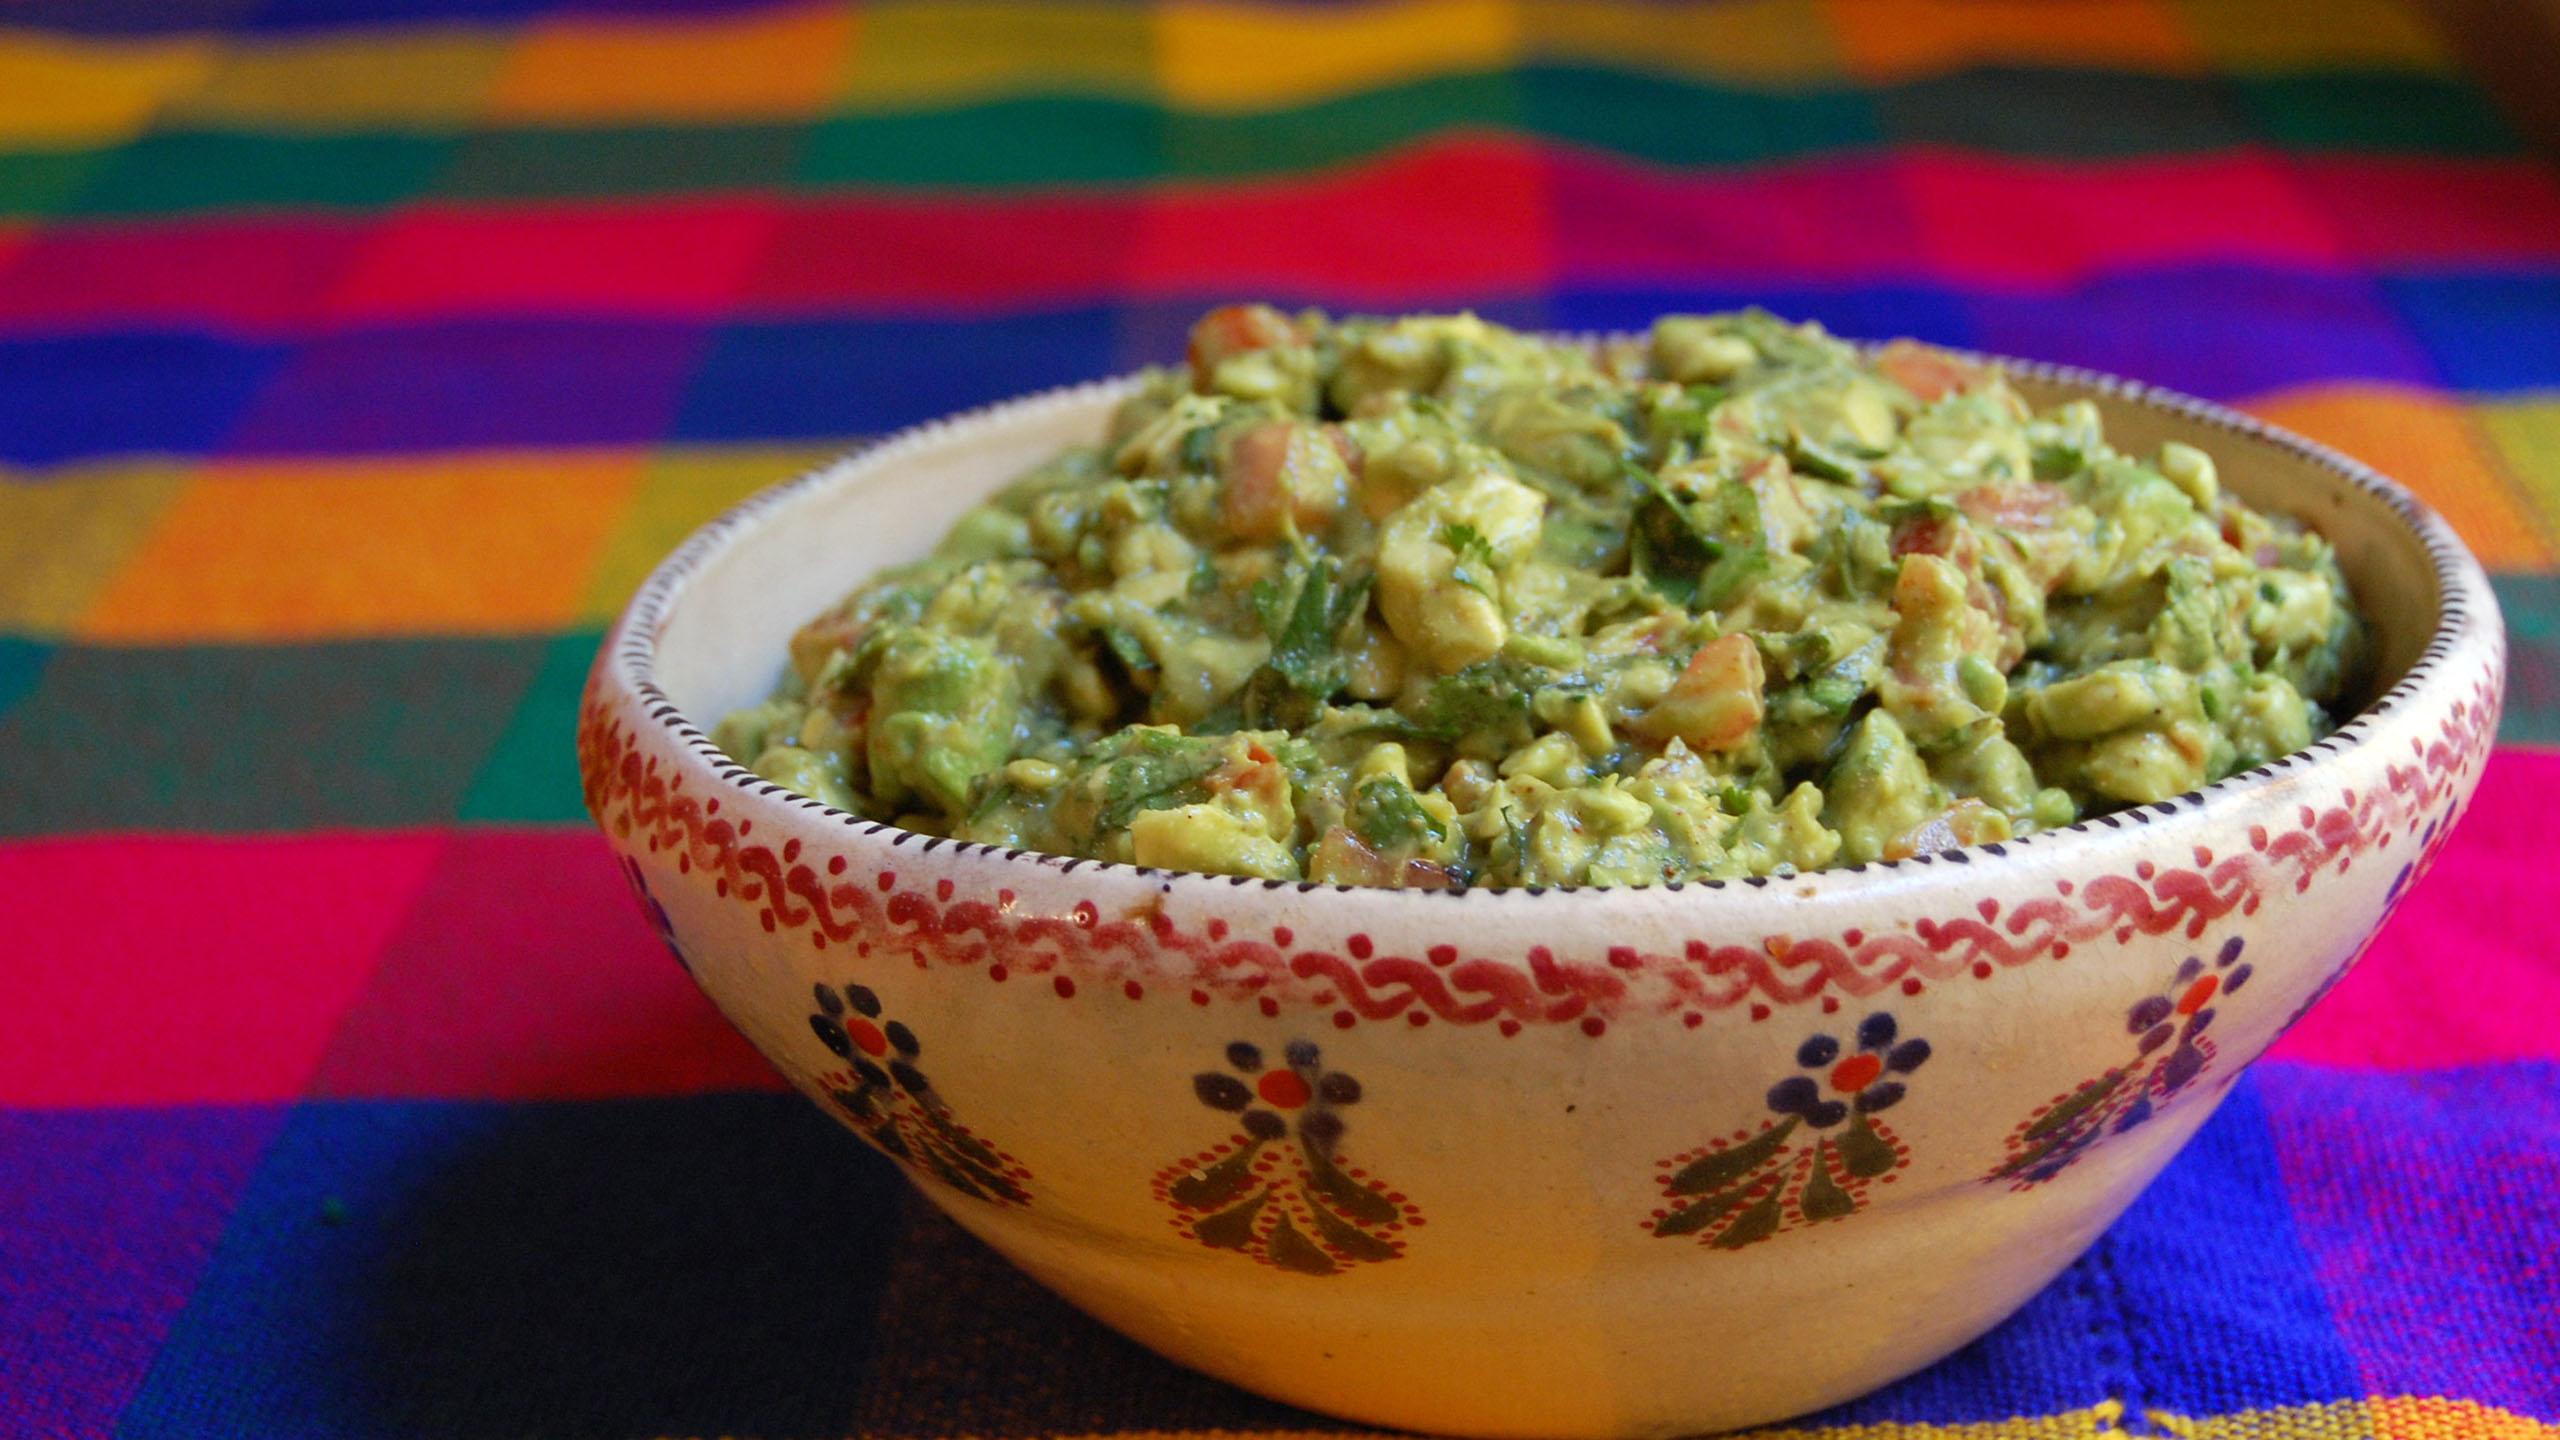 guacamole, aguacate, brocomole, brócoli